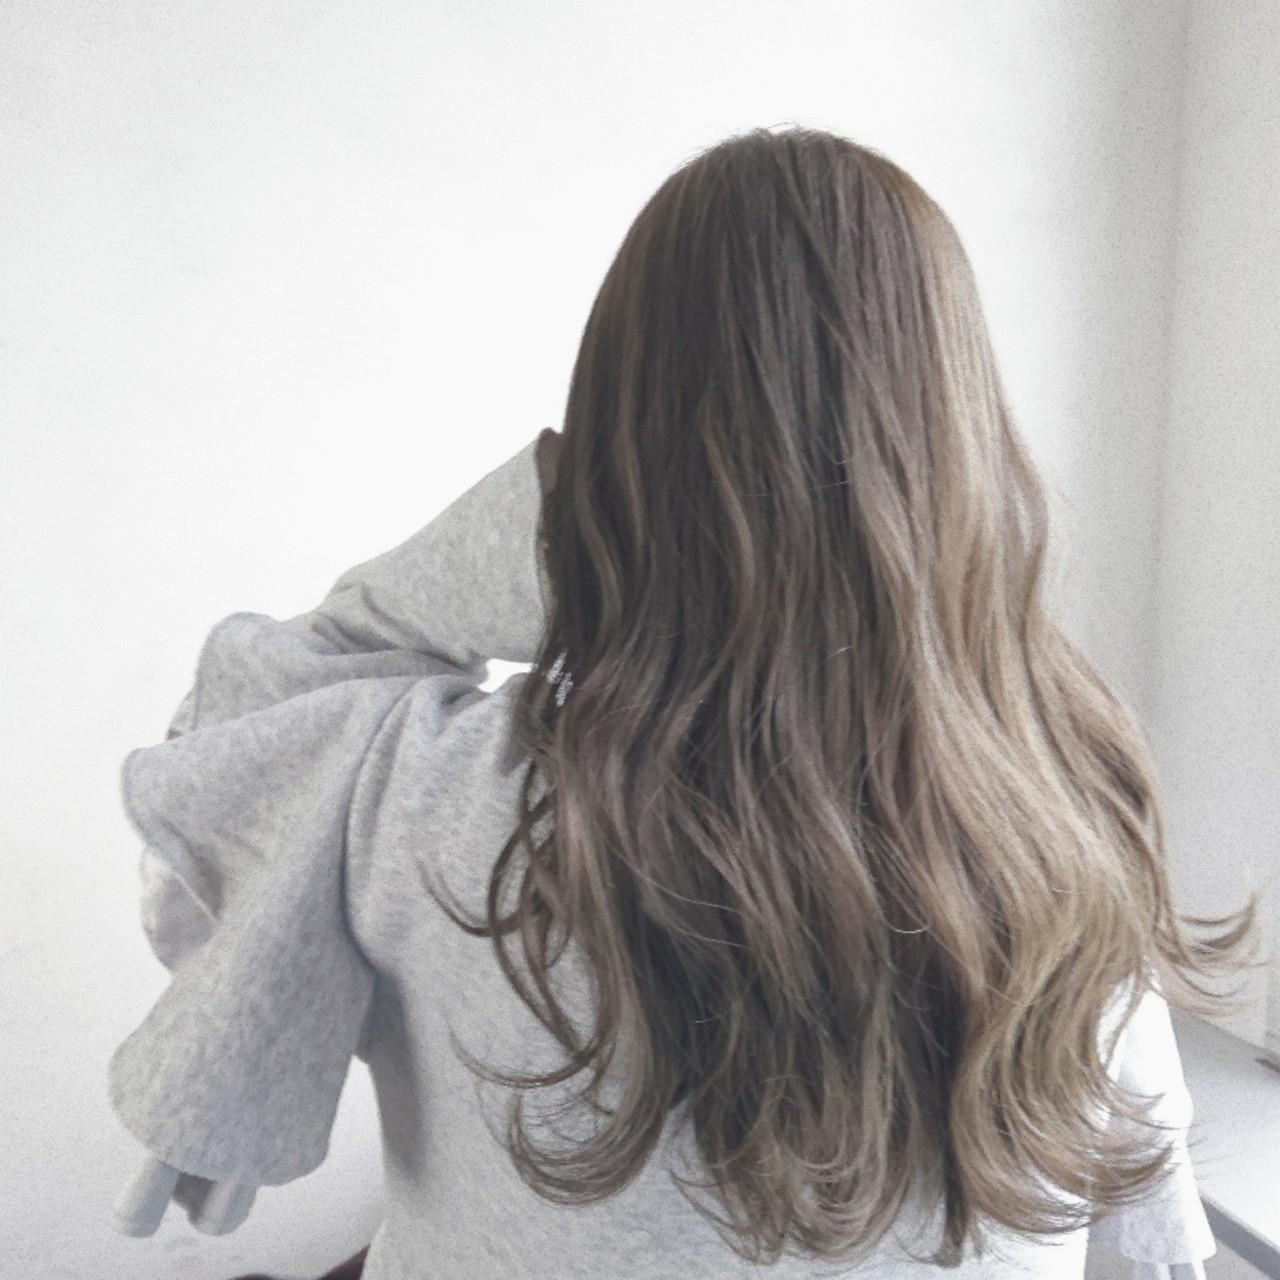 【保存版】魅せるナチュラルヘア…♡挑戦カラーで脱マンネリヘア!の7枚目の画像